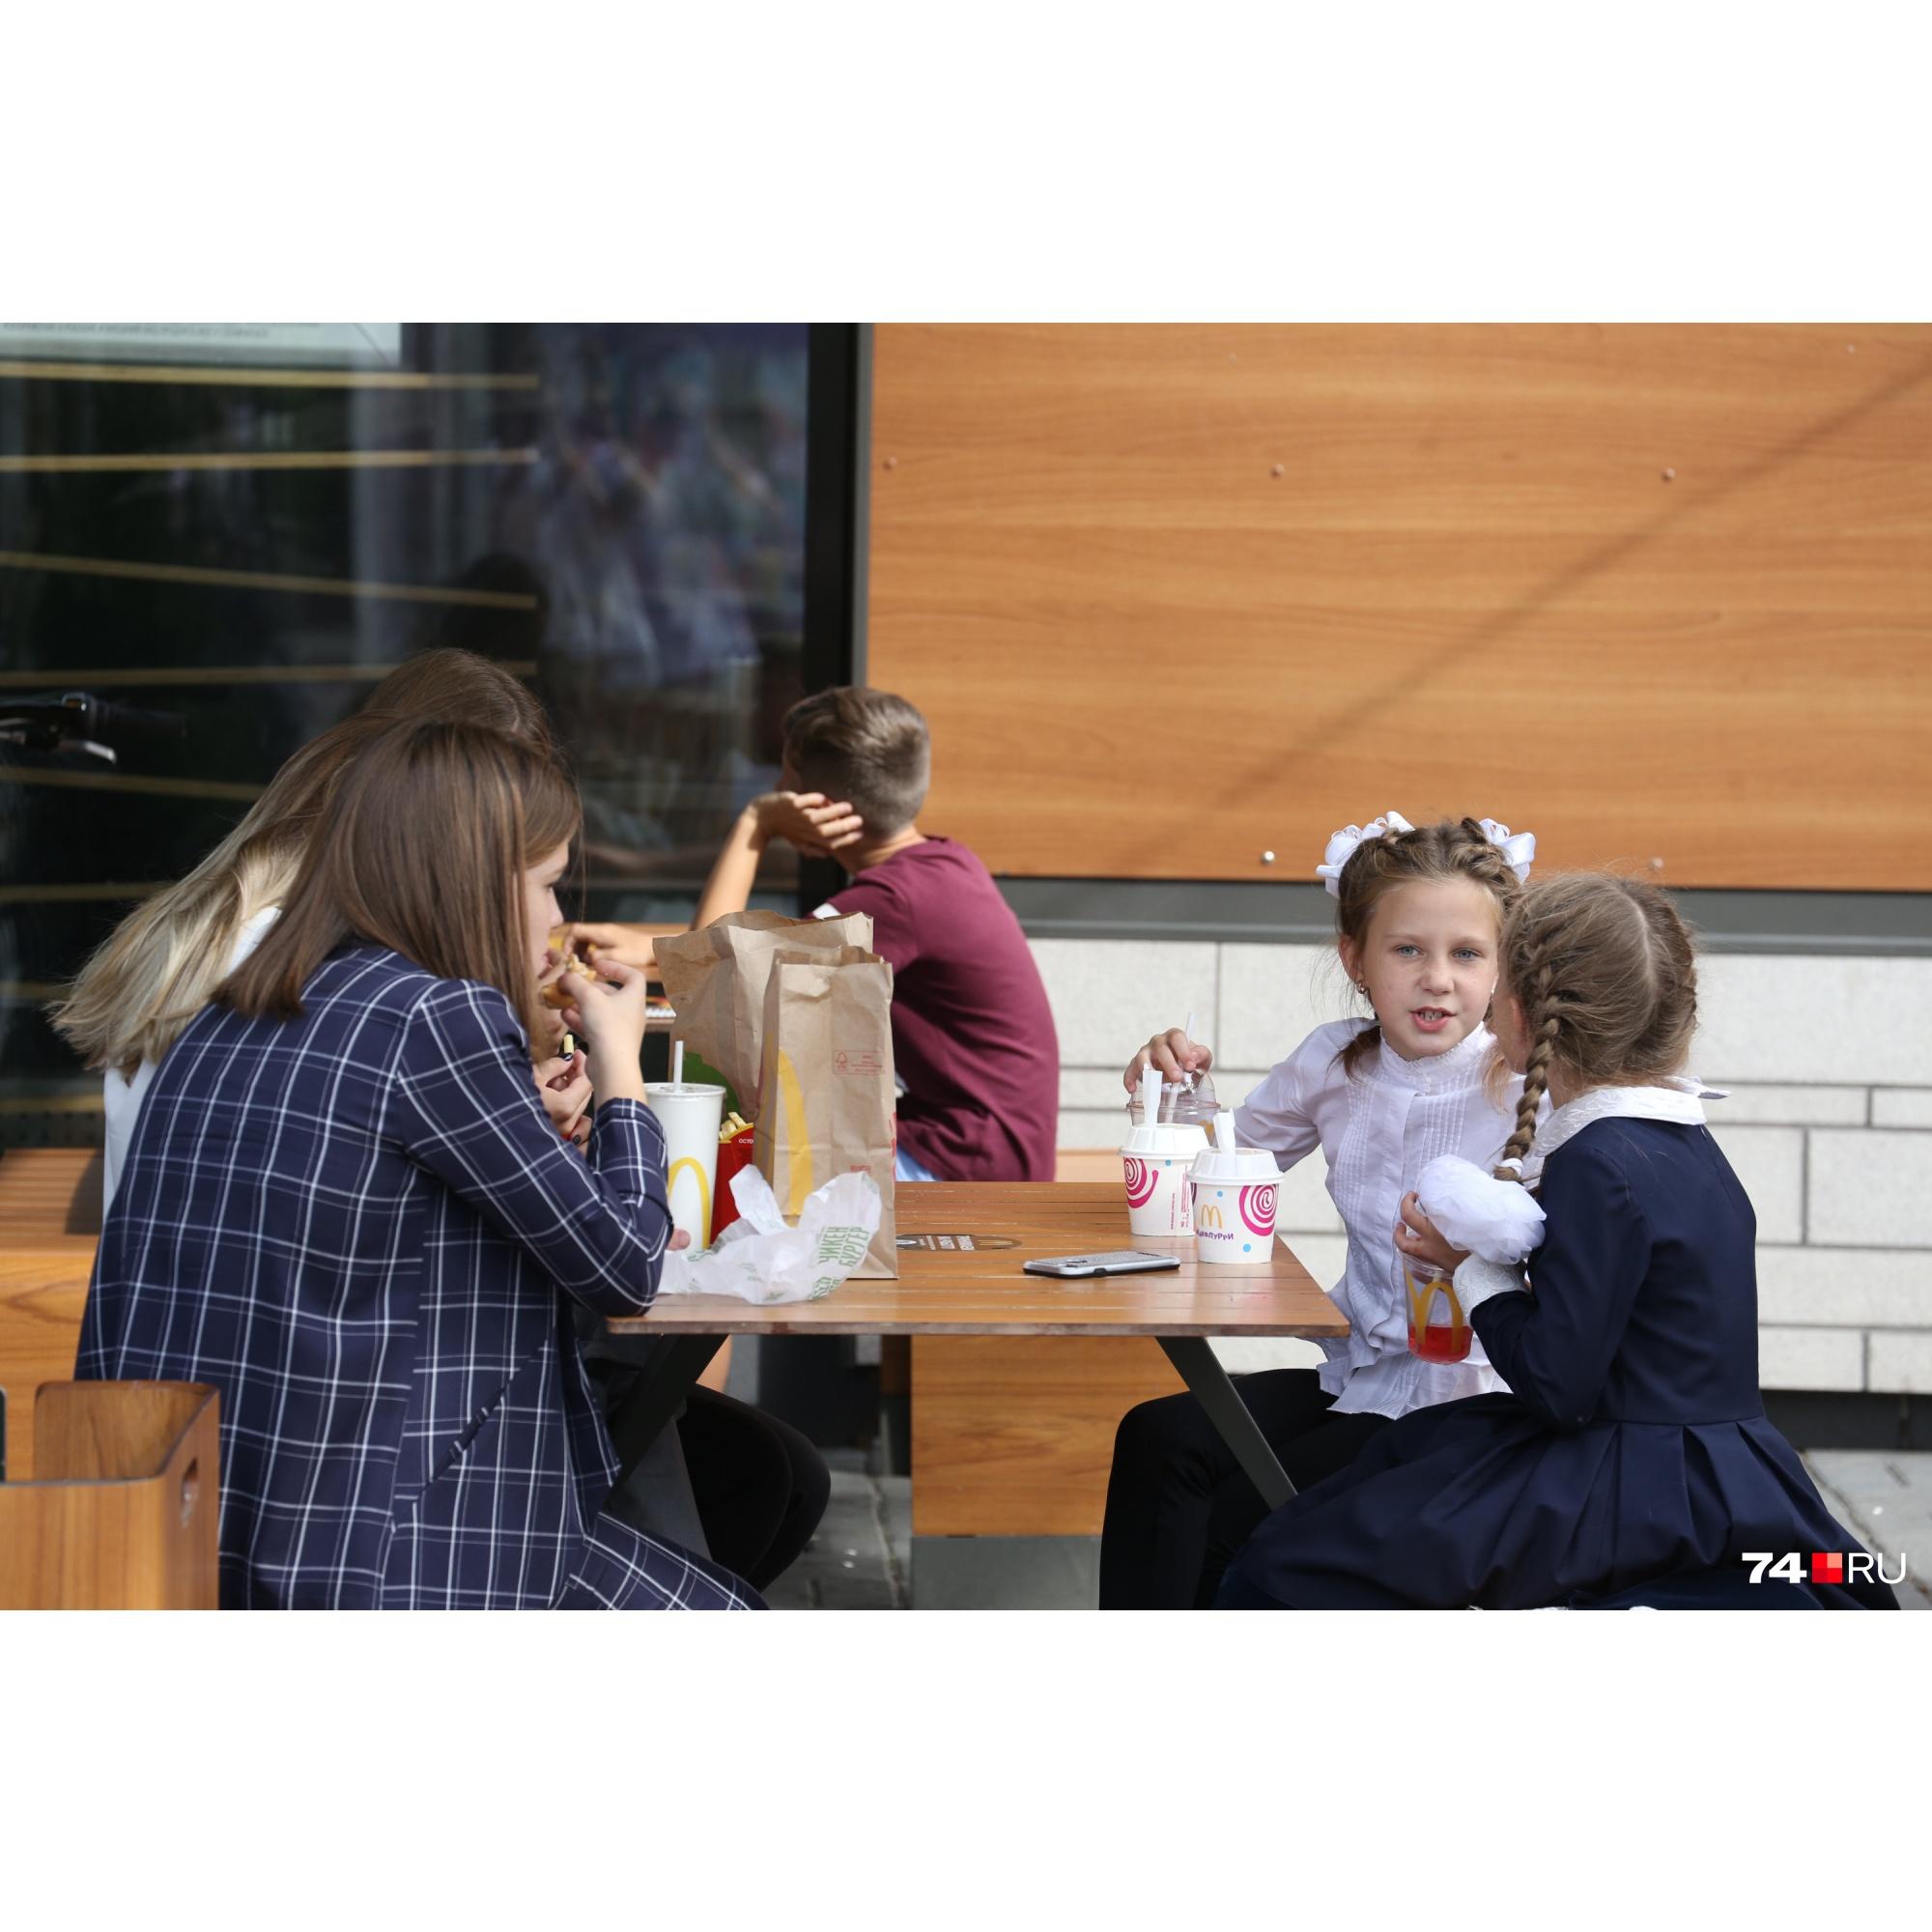 Разбирать фастфуд по молекулам мы не стали, зато исследовали другую популярную у детей еду